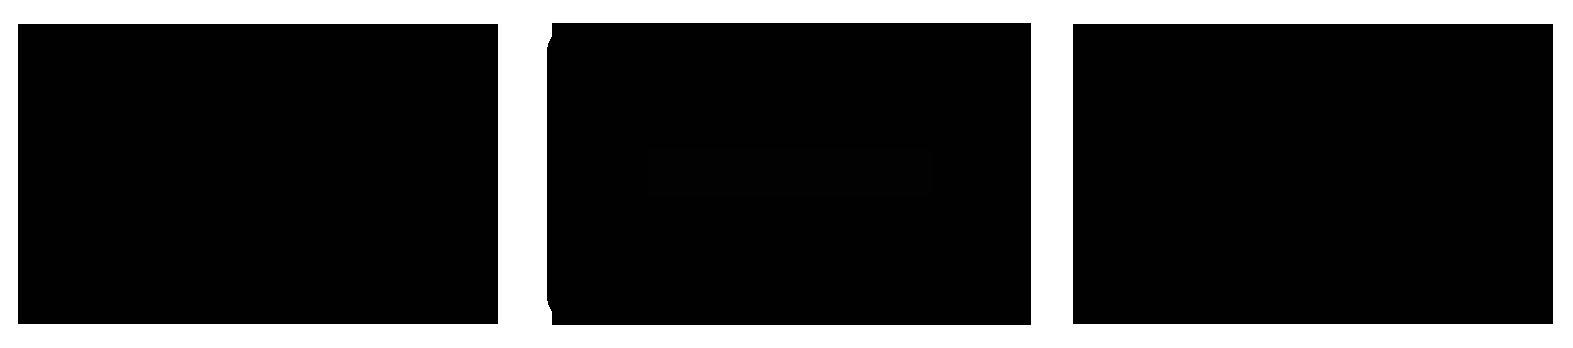 9abda69a8 visa-mastercard-paypal - Hitlanders